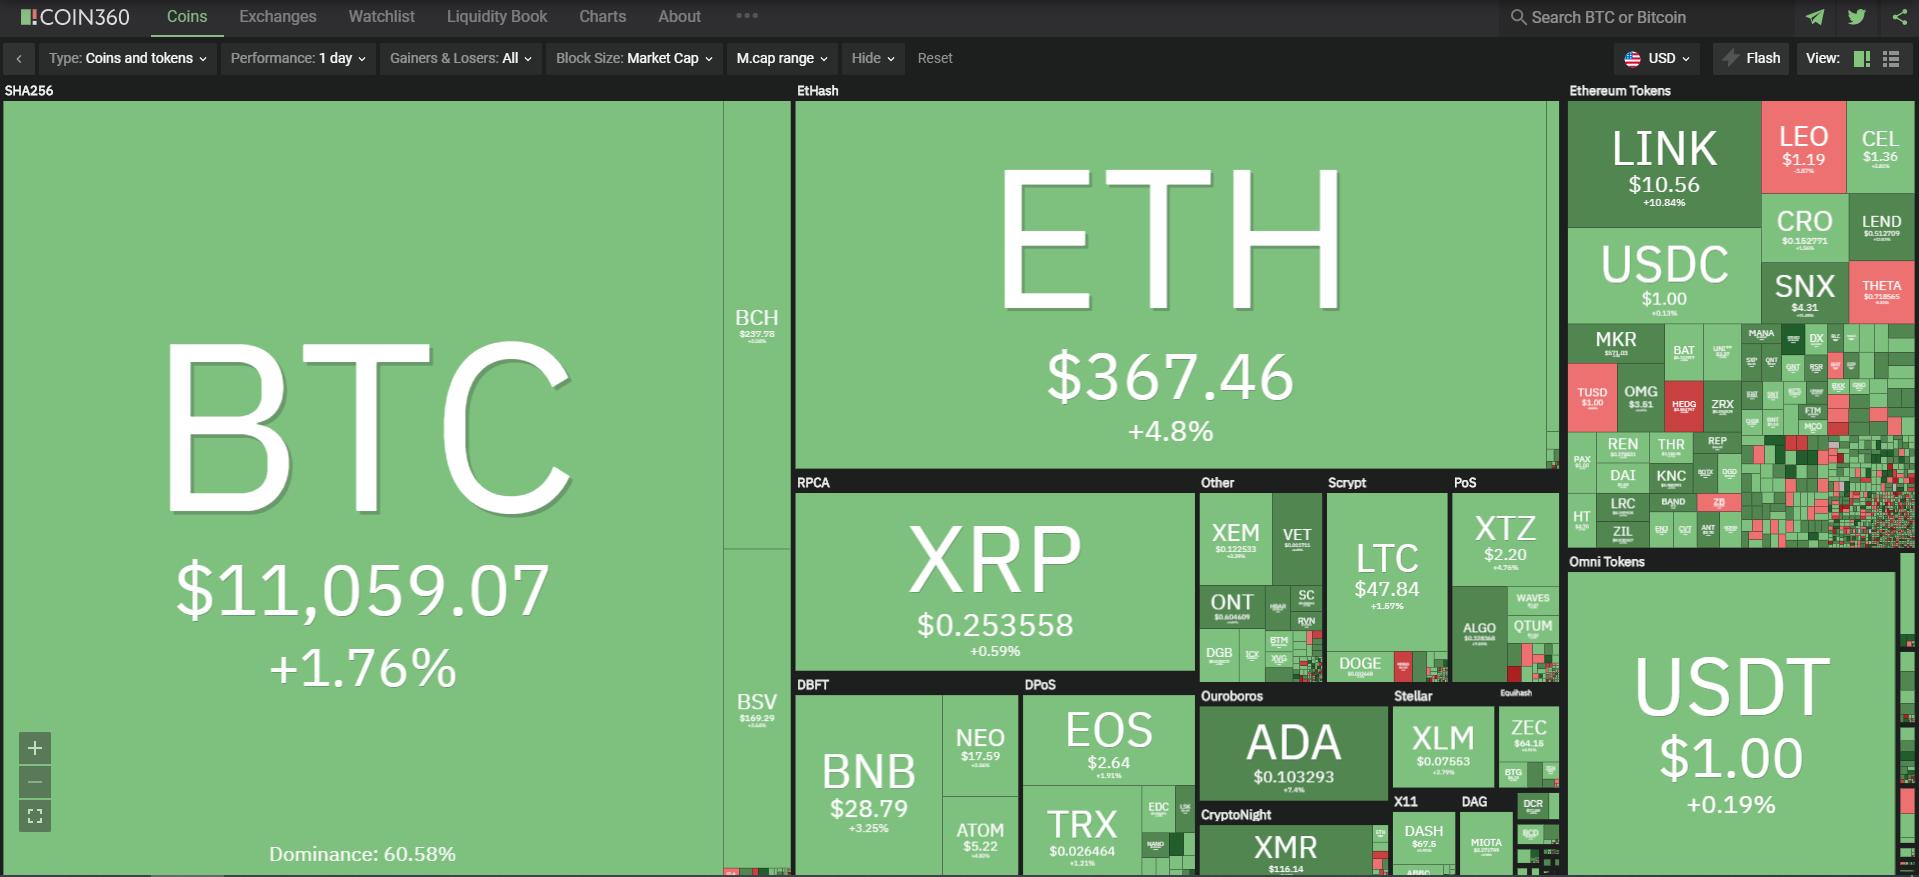 Toàn cảnh thị trường tiền kĩ thuật số ngày 10/10 (nguồn: Coin360.com).